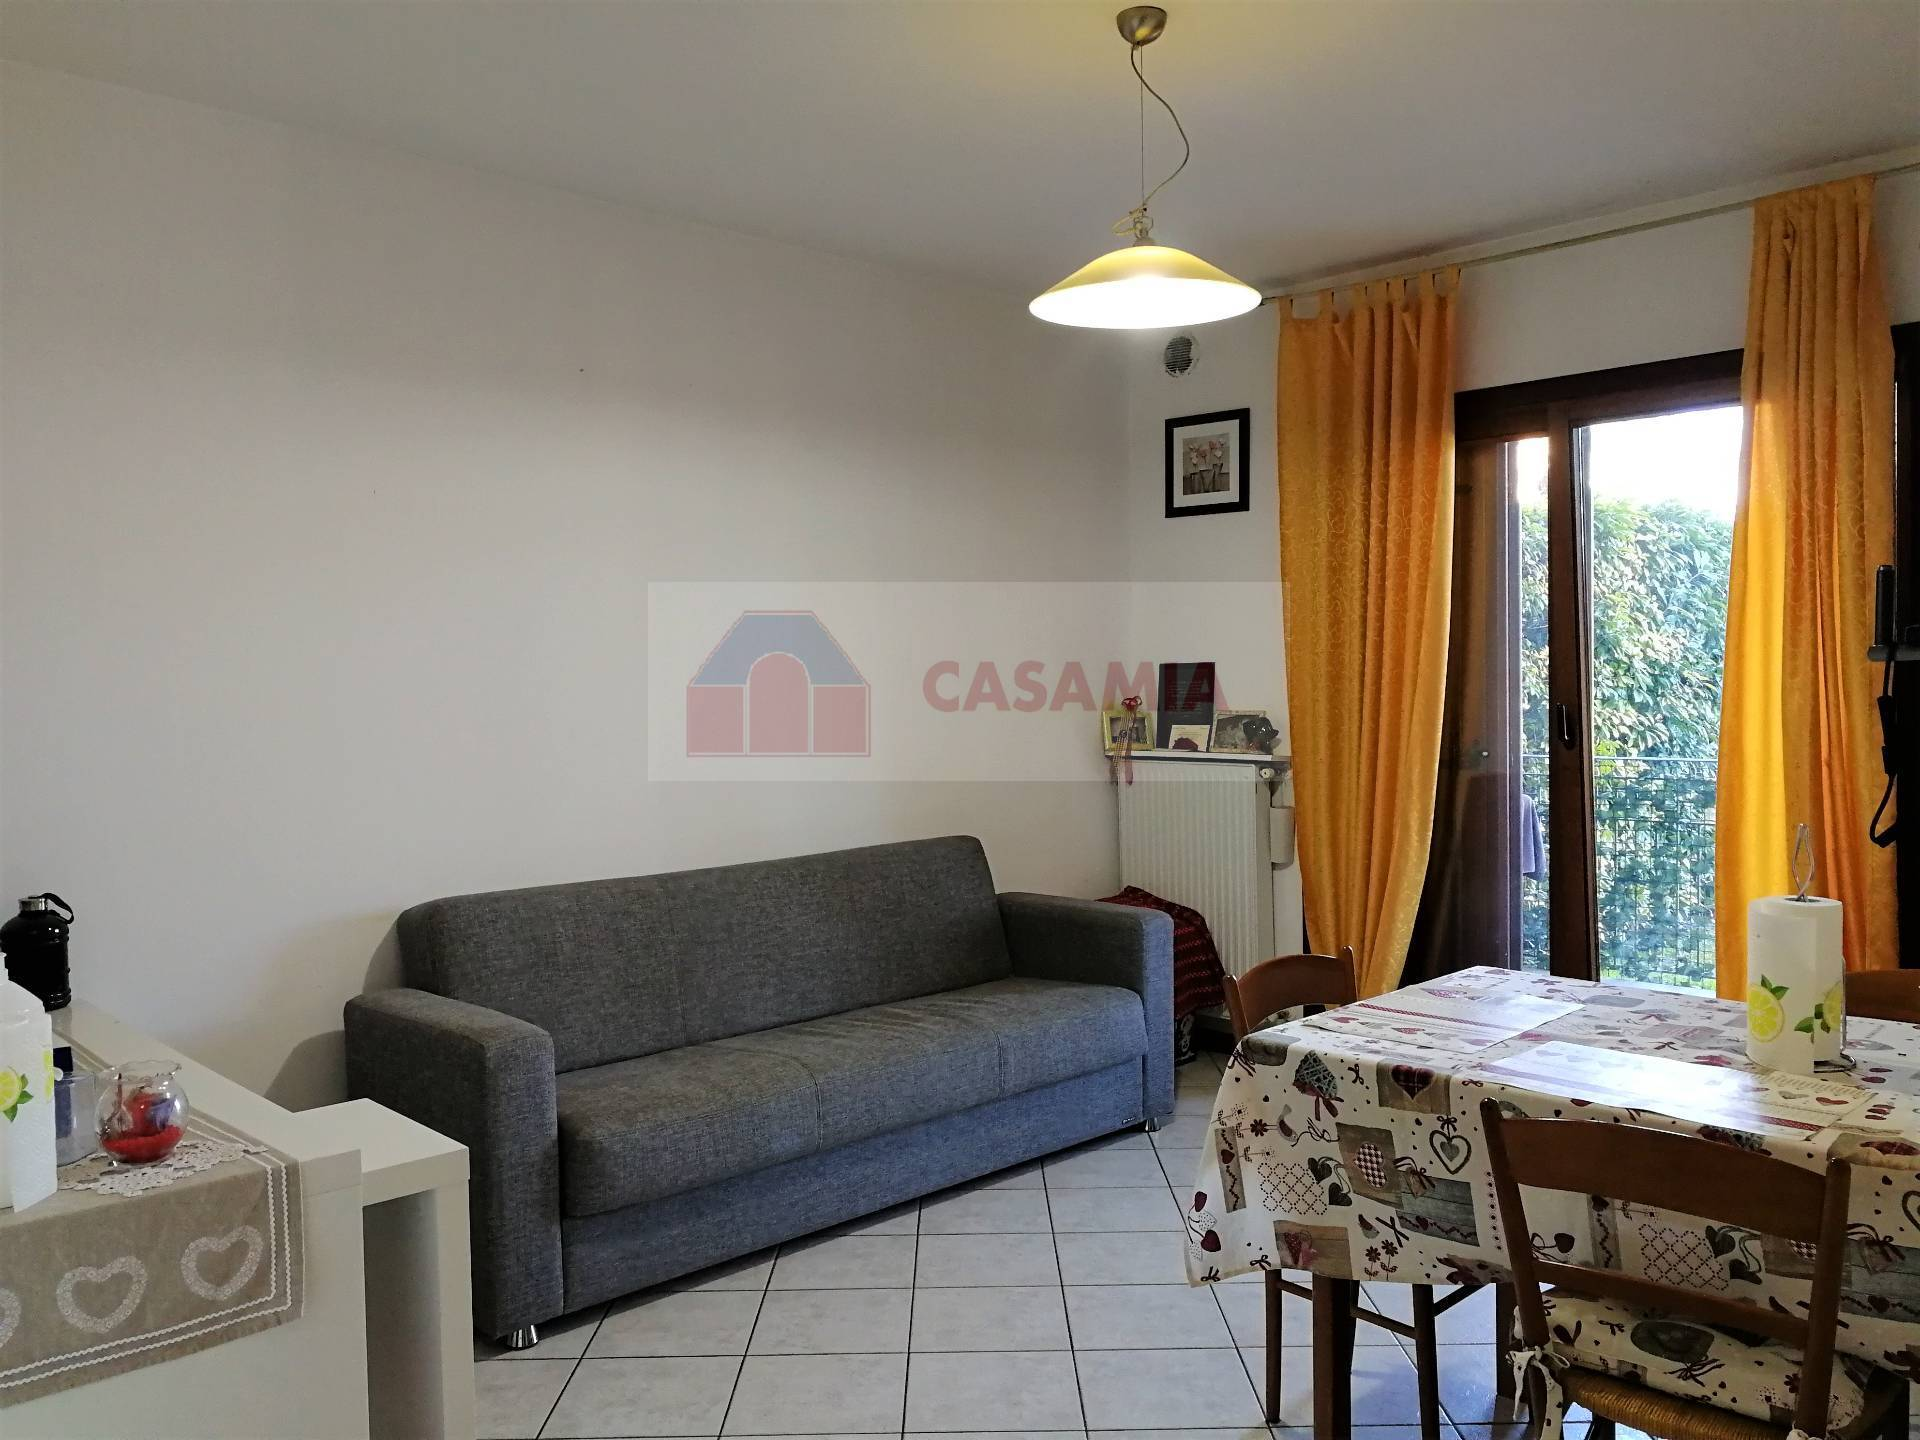 Appartamento in vendita a Oderzo, 2 locali, zona Località: SanVincenzo, prezzo € 77.000 | CambioCasa.it